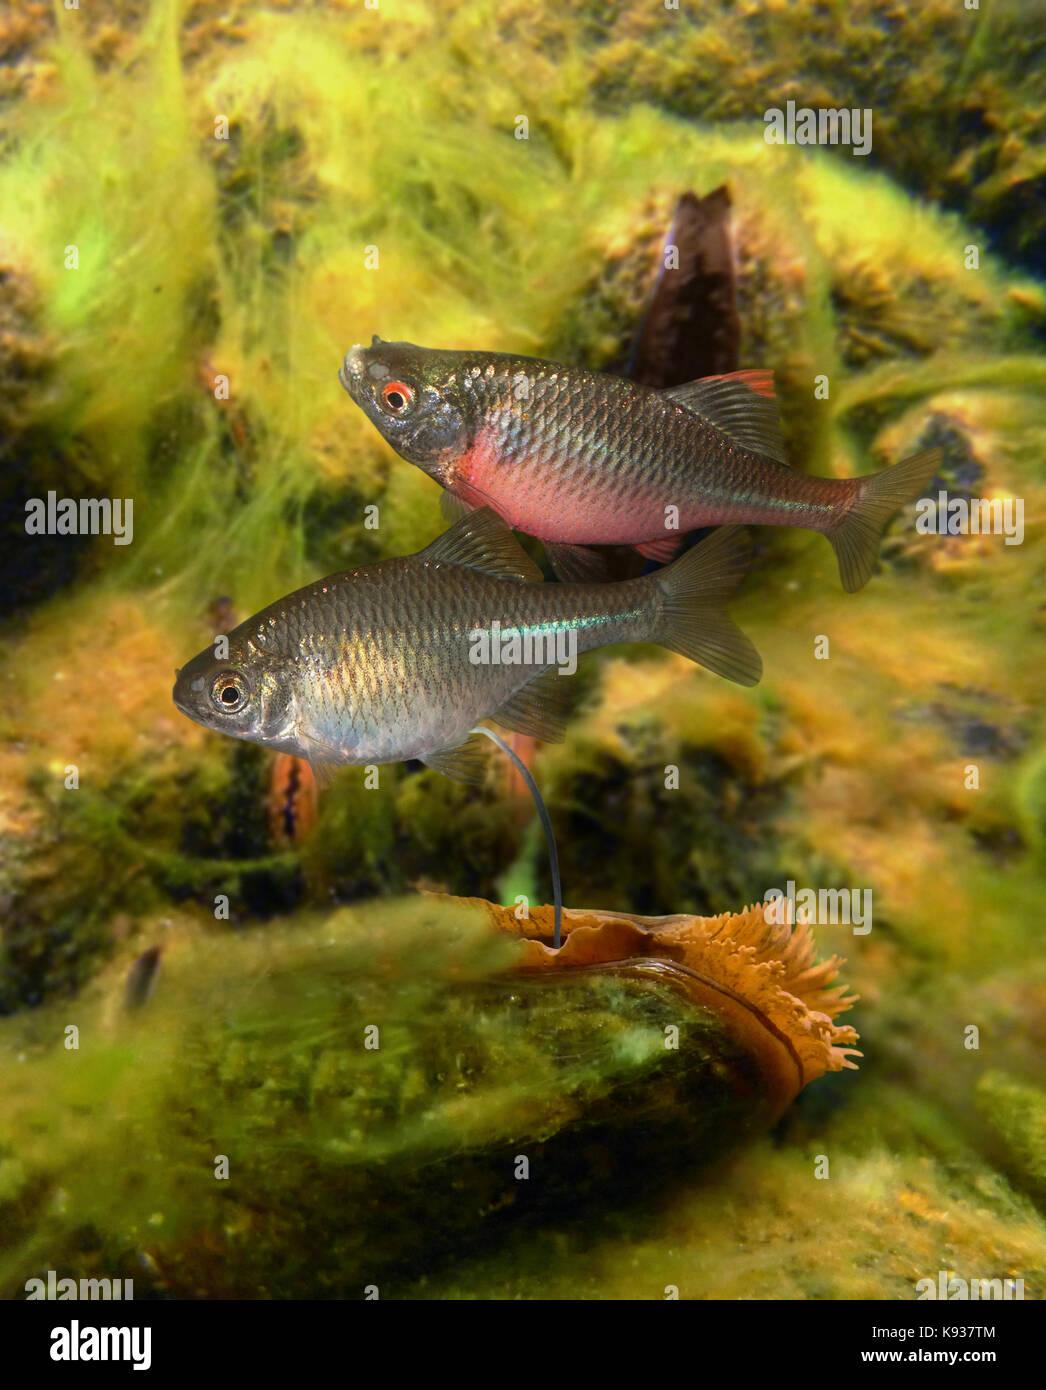 Europäische Bitterling, Rhodeus amarus. Paar, Mann oben. Weibliche führt die Eileiter in Süßwasser Stockbild